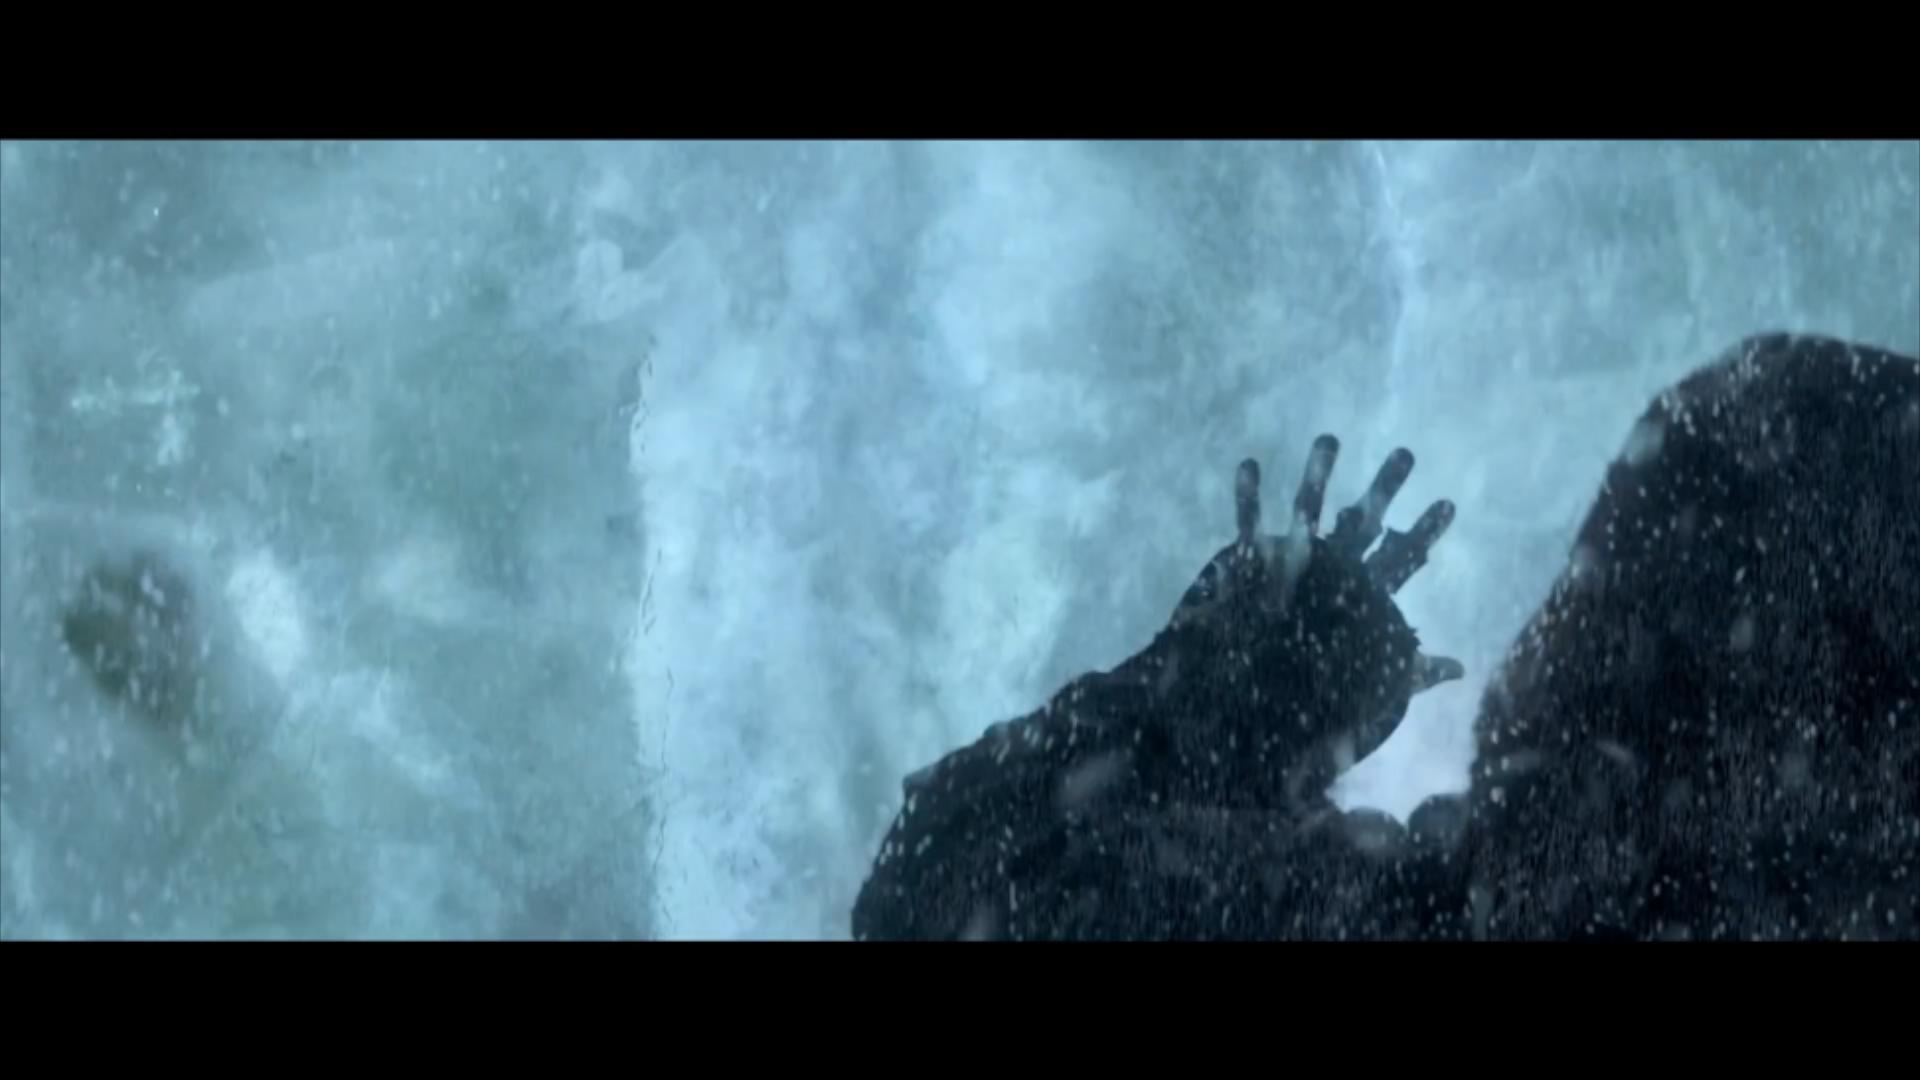 2018《阿尔法:狼伴归途》2700字,7分钟剧情解说稿-第11张图片